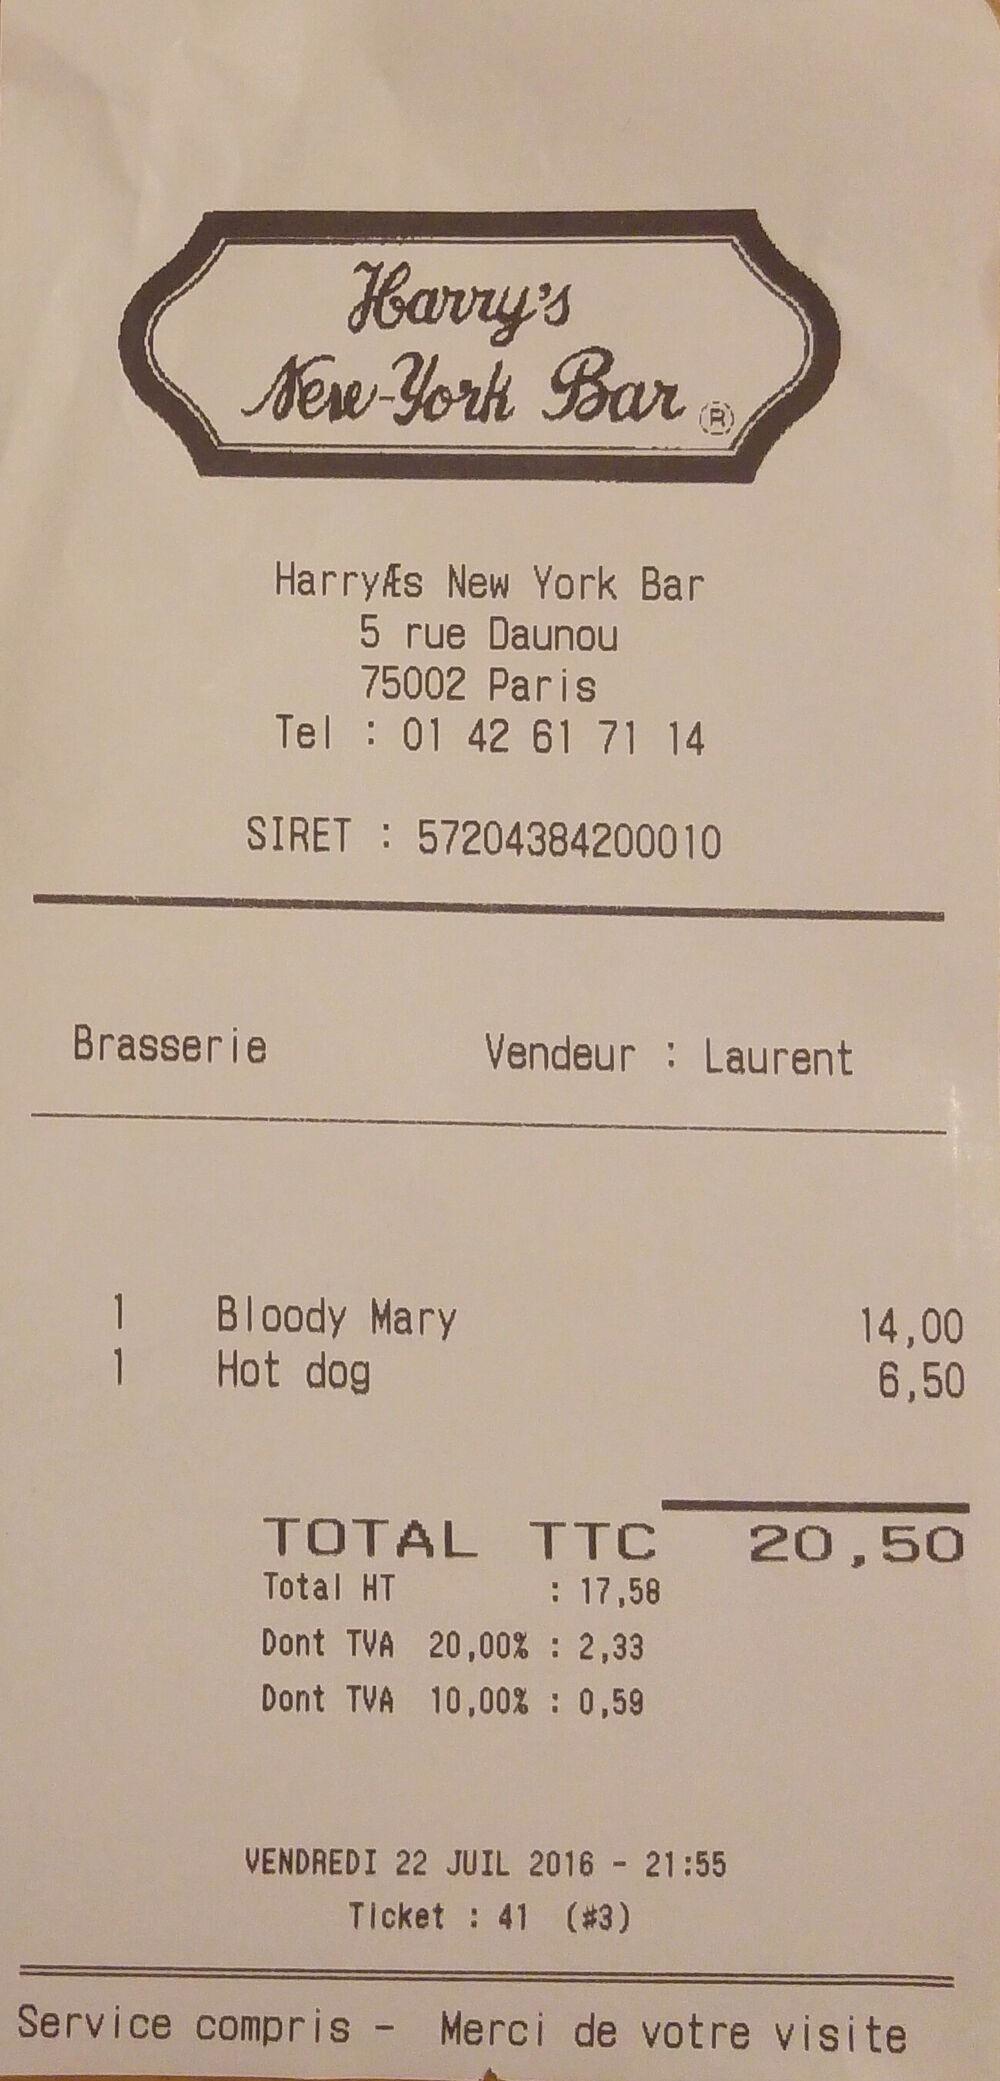 17_31_53_20_bar_harrys_new_york_bar_paris.jpg